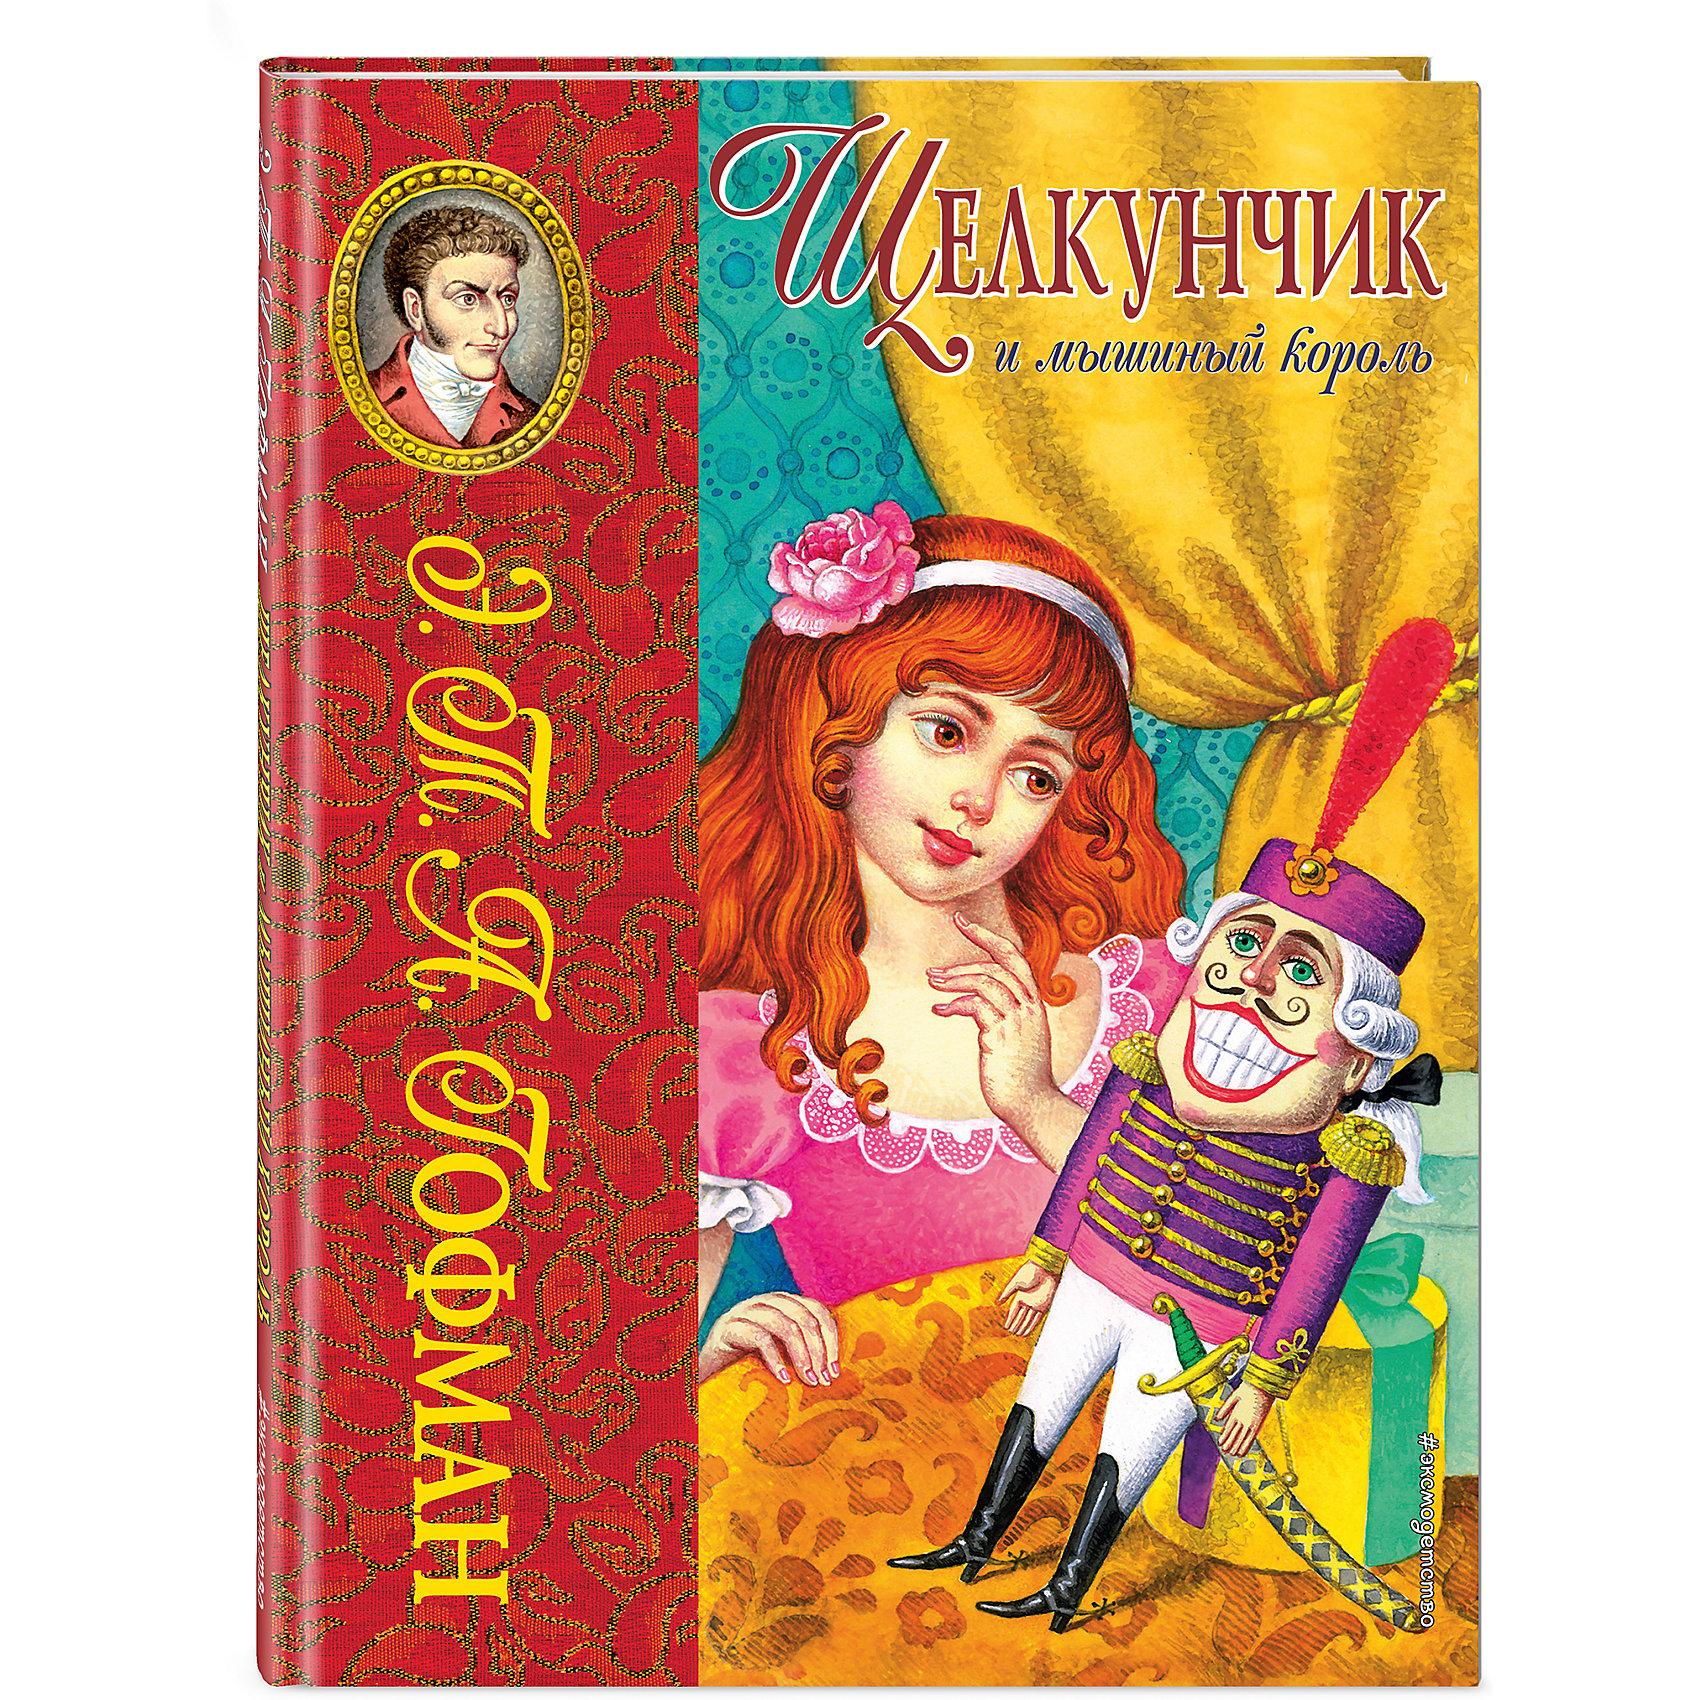 Щелкунчик и мышиный король, Э.Т.А. ГофманЗарубежные сказки<br>Ваш ребенок окунется в мир замечательной и волшебной сказки Щелкунчик и мышиный король! Бессмертная история о добре и зле, любви и отваге обязательно понравится детям. Издание, дополненное красочными иллюстрациями, станет прекрасным подарком на любой праздник! <br><br>Дополнительная информация:<br><br>- Автор: Гофман Эрнст Теодор Амадей<br>- Художник: Егунов Игорь<br>- Перевод и пересказ: Леонид Яхнин.<br>- Формат: 26,8х20,3 см.<br>- Переплет: твердый.<br>- Количество страниц: 64<br>- Иллюстрации: цветные.<br><br>Книгу Щелкунчик и мышиный король  (ил. И. Егунова), можно купить в нашем магазине.<br><br>Ширина мм: 255<br>Глубина мм: 197<br>Высота мм: 9<br>Вес г: 354<br>Возраст от месяцев: 36<br>Возраст до месяцев: 72<br>Пол: Унисекс<br>Возраст: Детский<br>SKU: 4414922